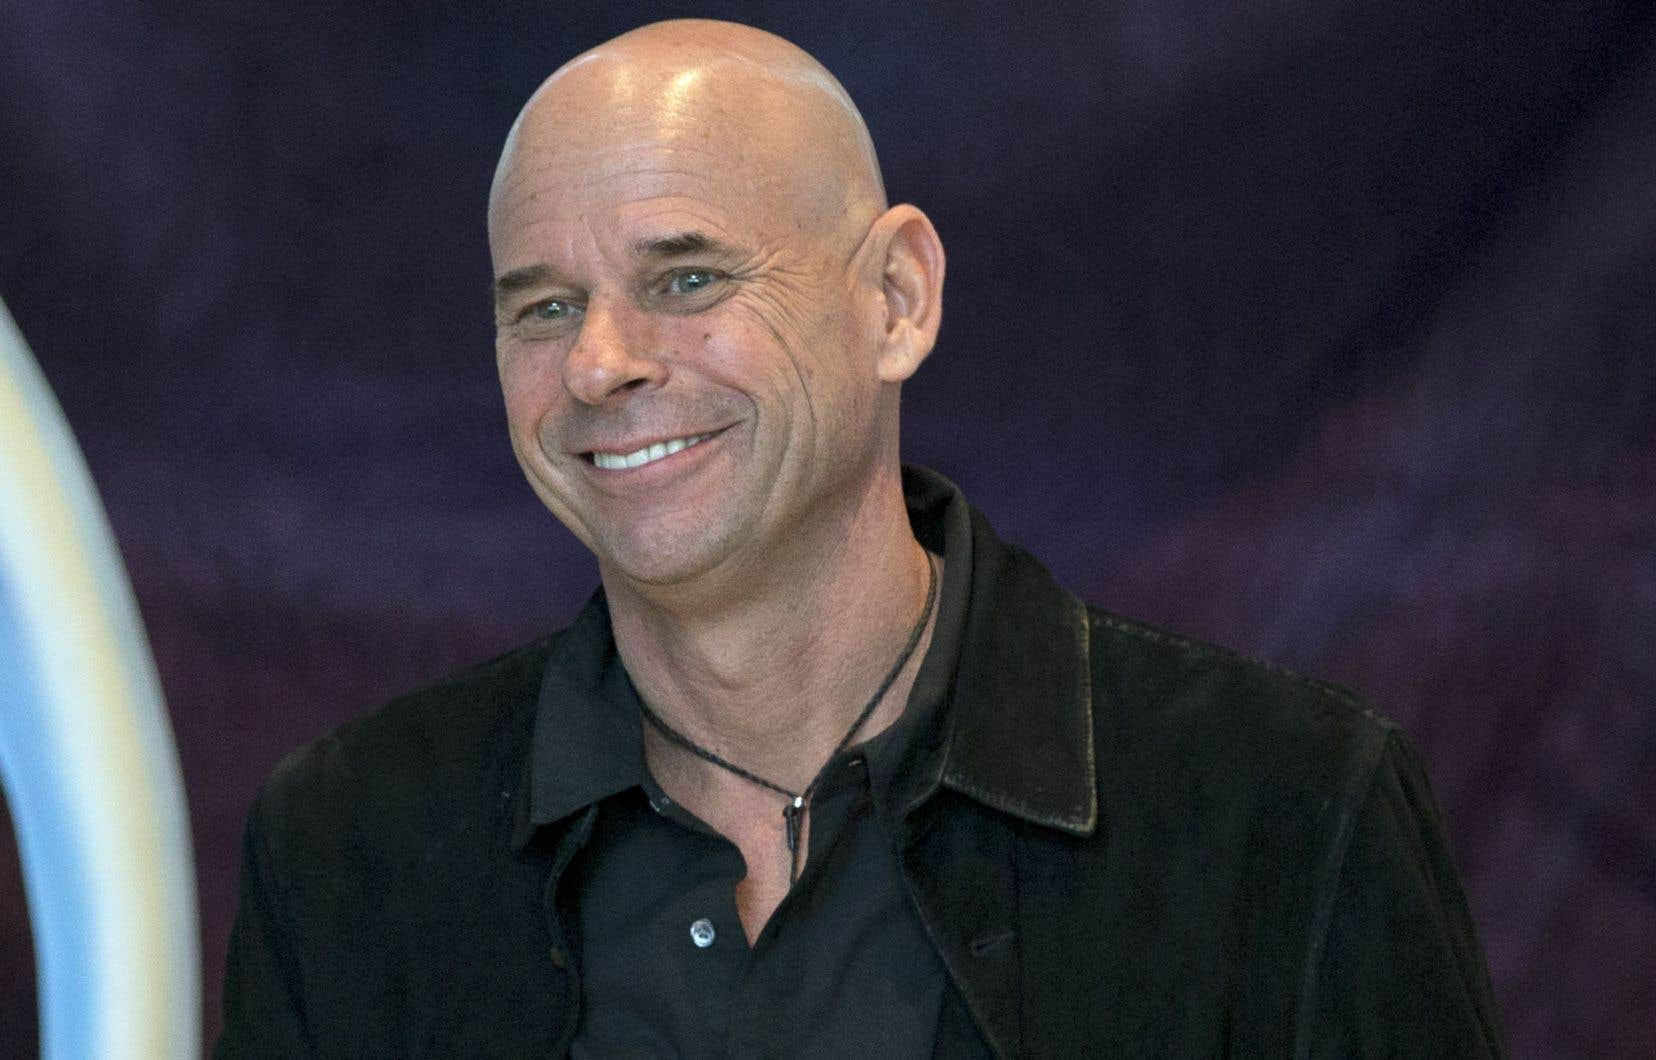 Guy Laliberté demeurera impliqué dans le processus créatif au Cirque, ce qui ne bousculera pas les activités au quotidien.